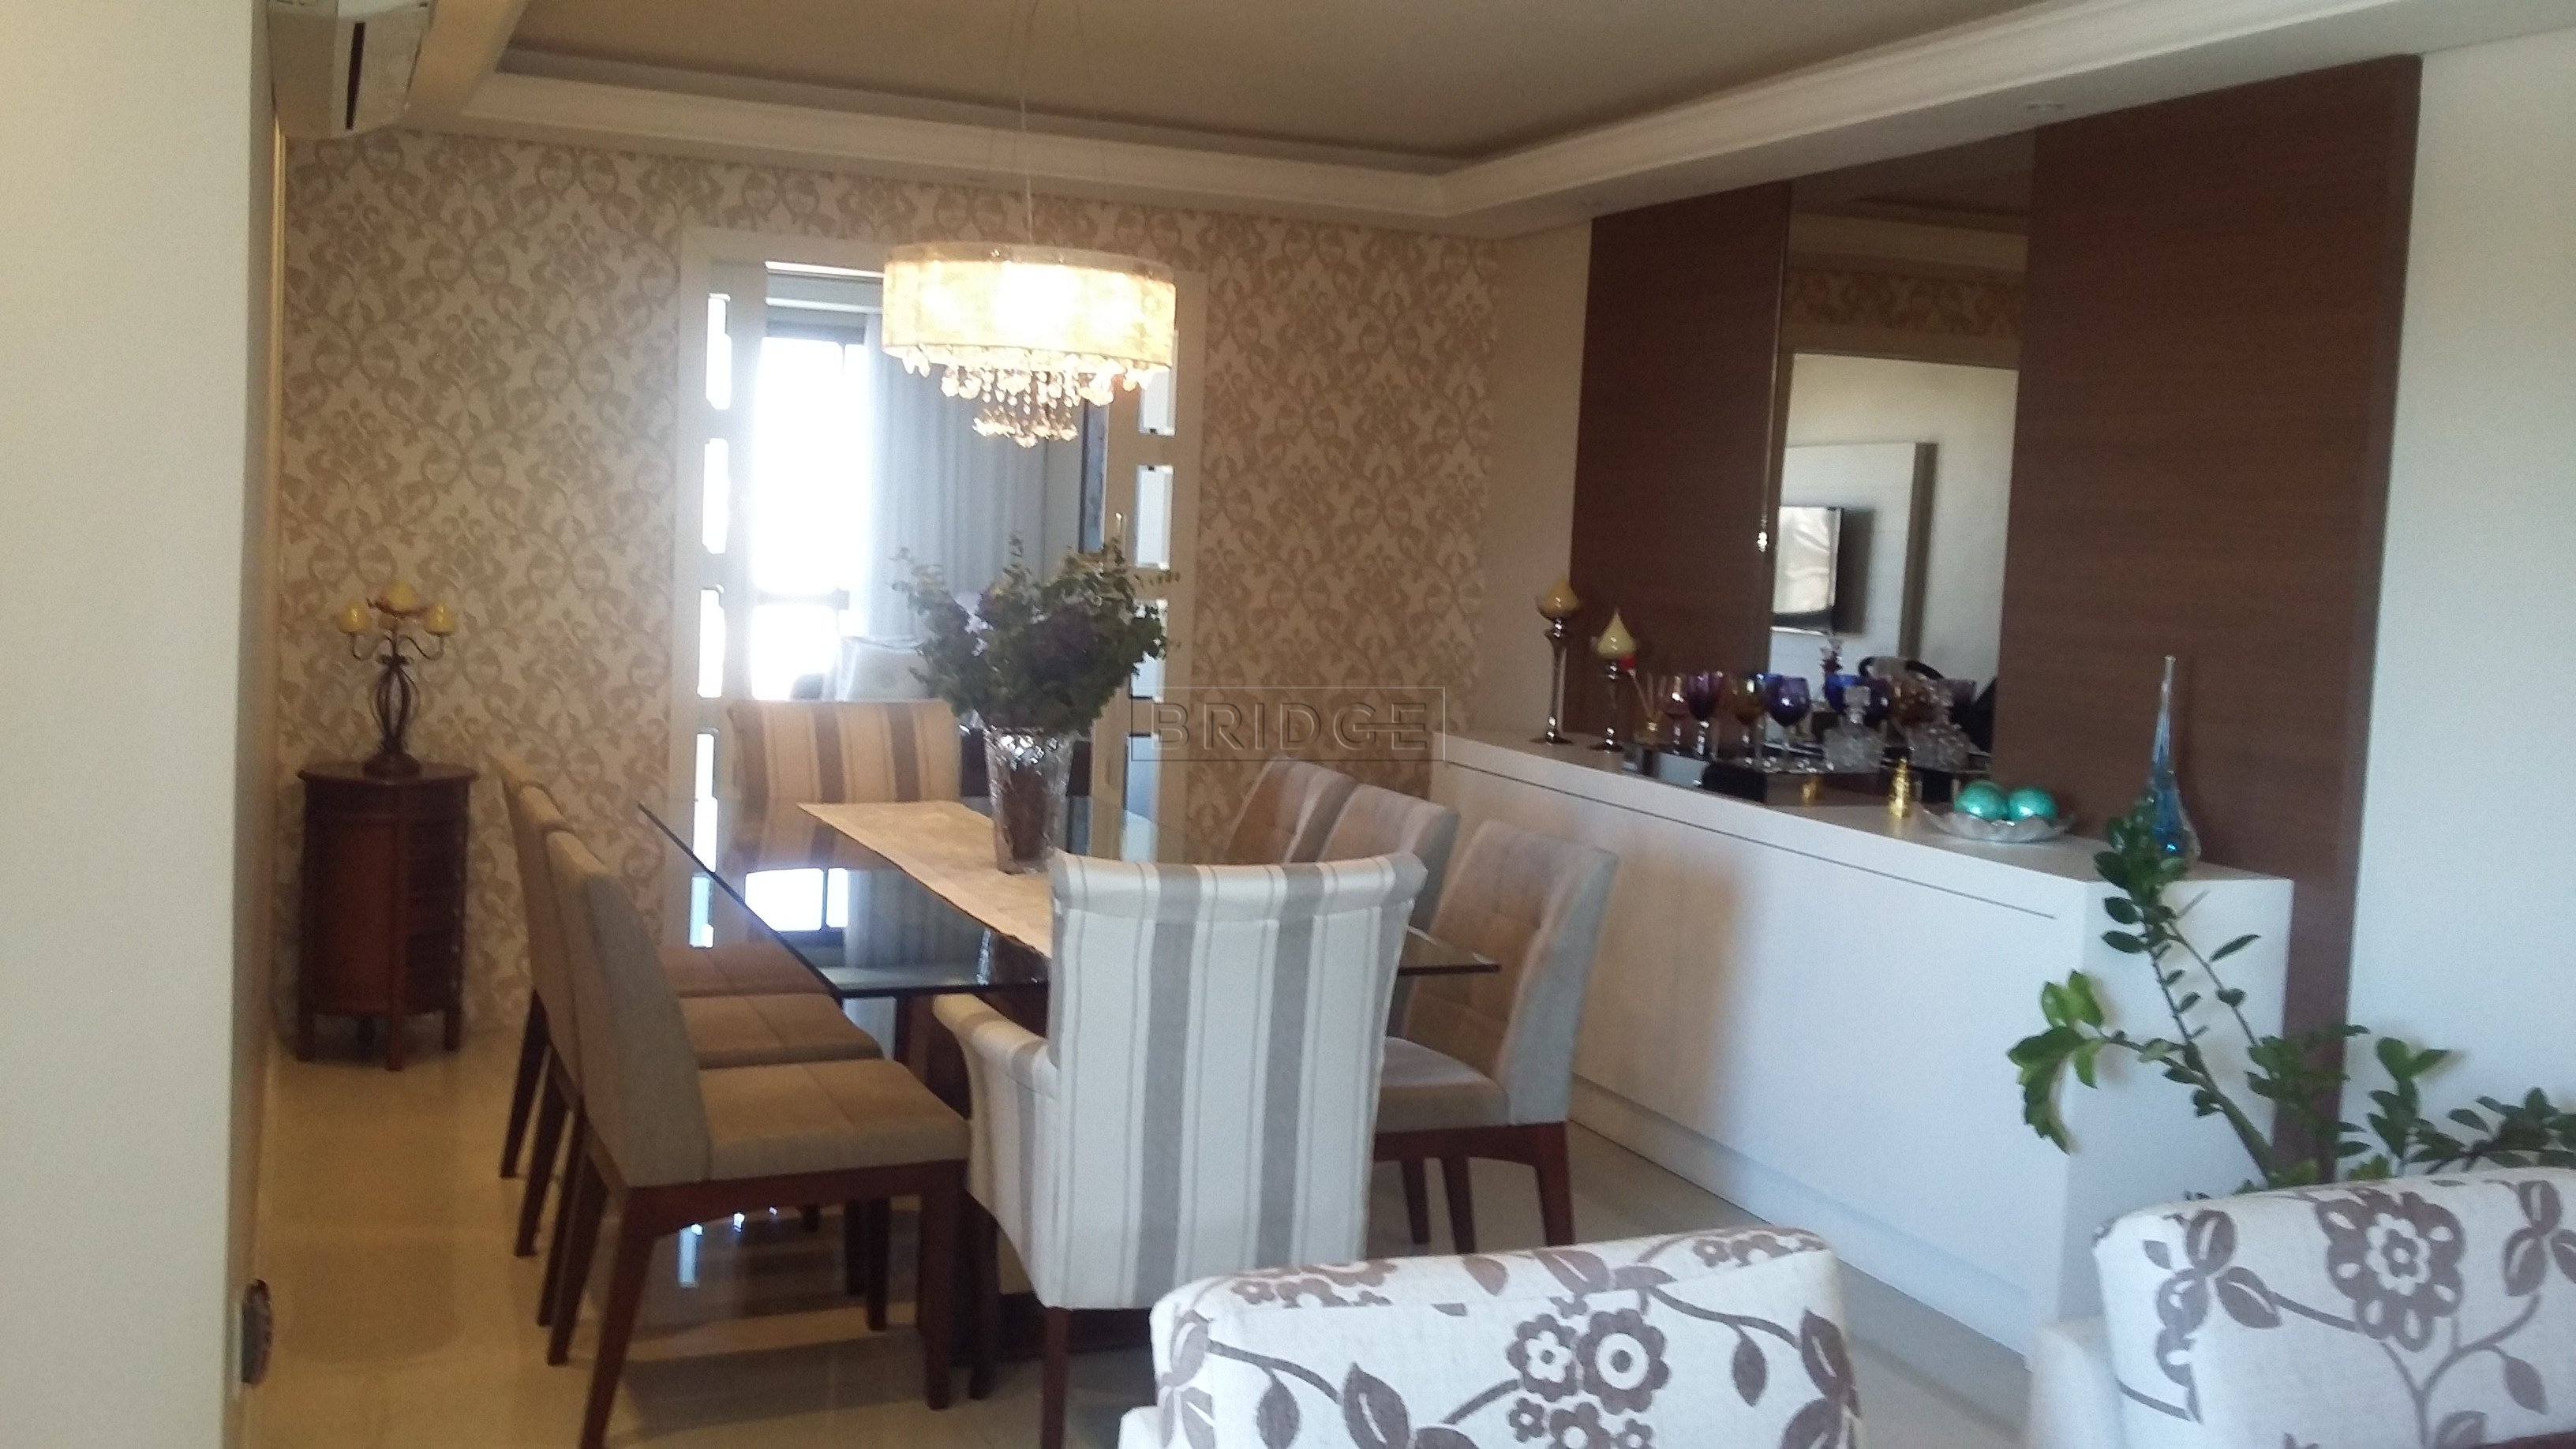 Imagens de #654D38 Apartamento com 3 Dormitórios 1 Suíte e 2 Vagas de Garagem à venda  3264x1836 px 3728 Banheiros Planejados Porto Alegre